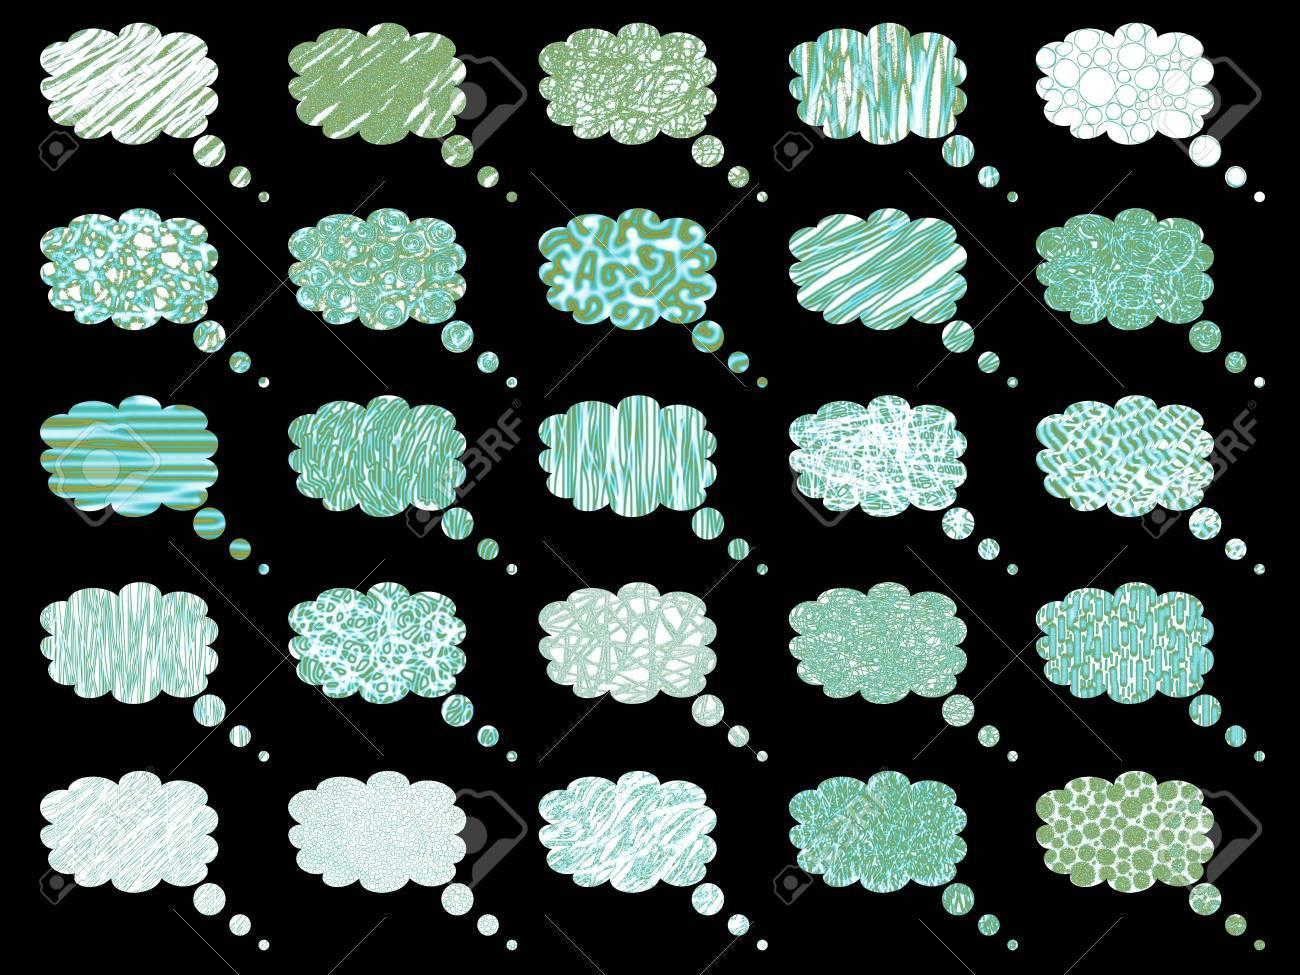 Rain dialogue balloon clouds Stock Photo - 11734527